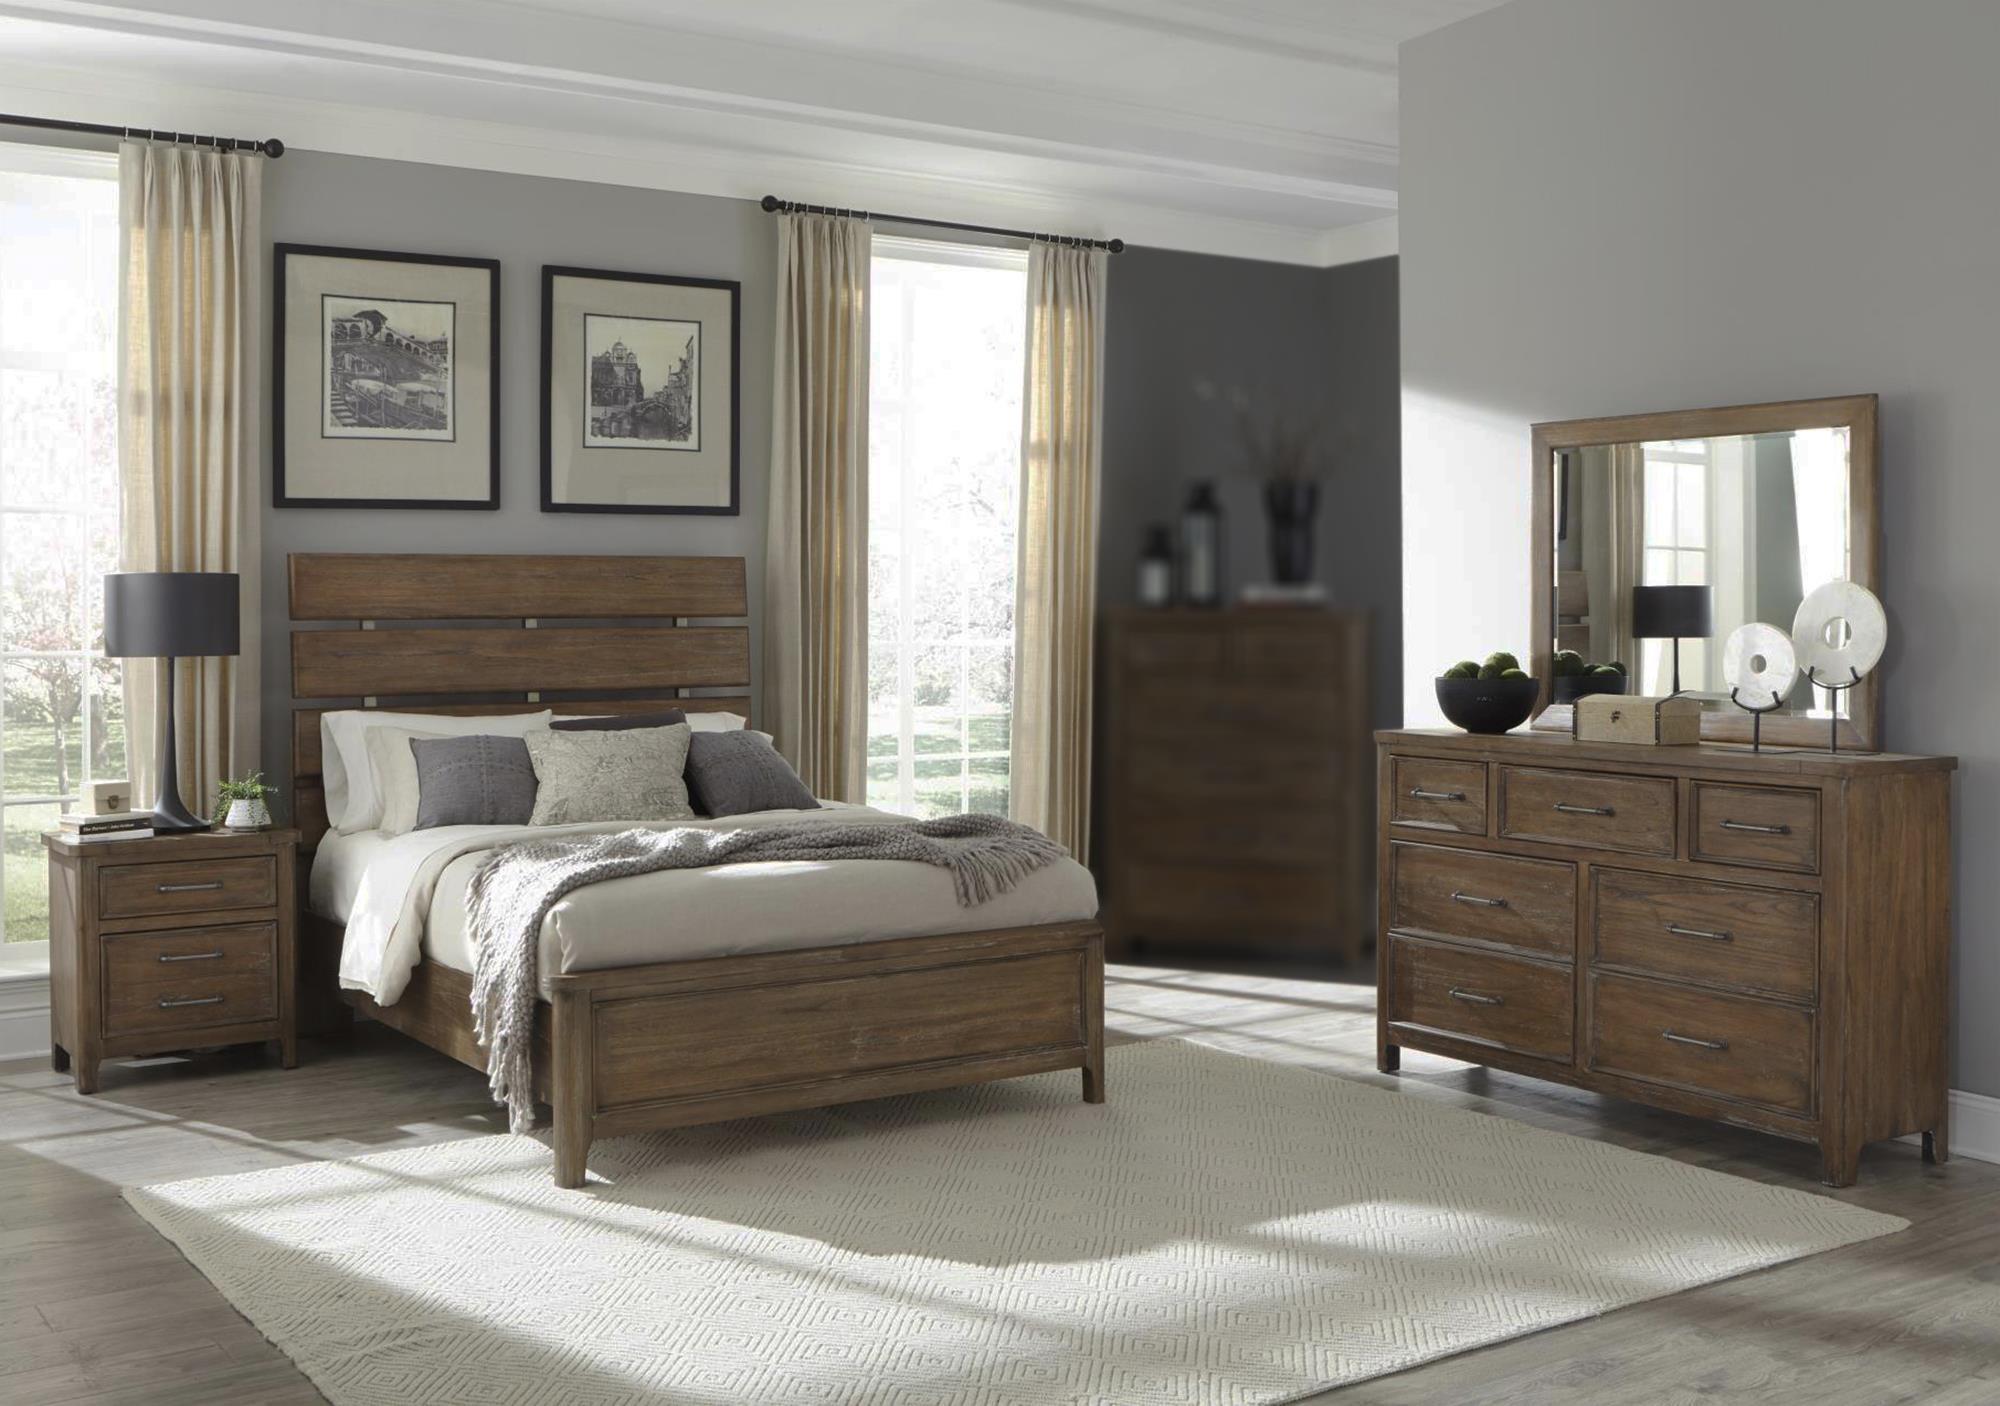 Falls Lodge - Natural 4PC Queen Bedroom Set at Rotmans